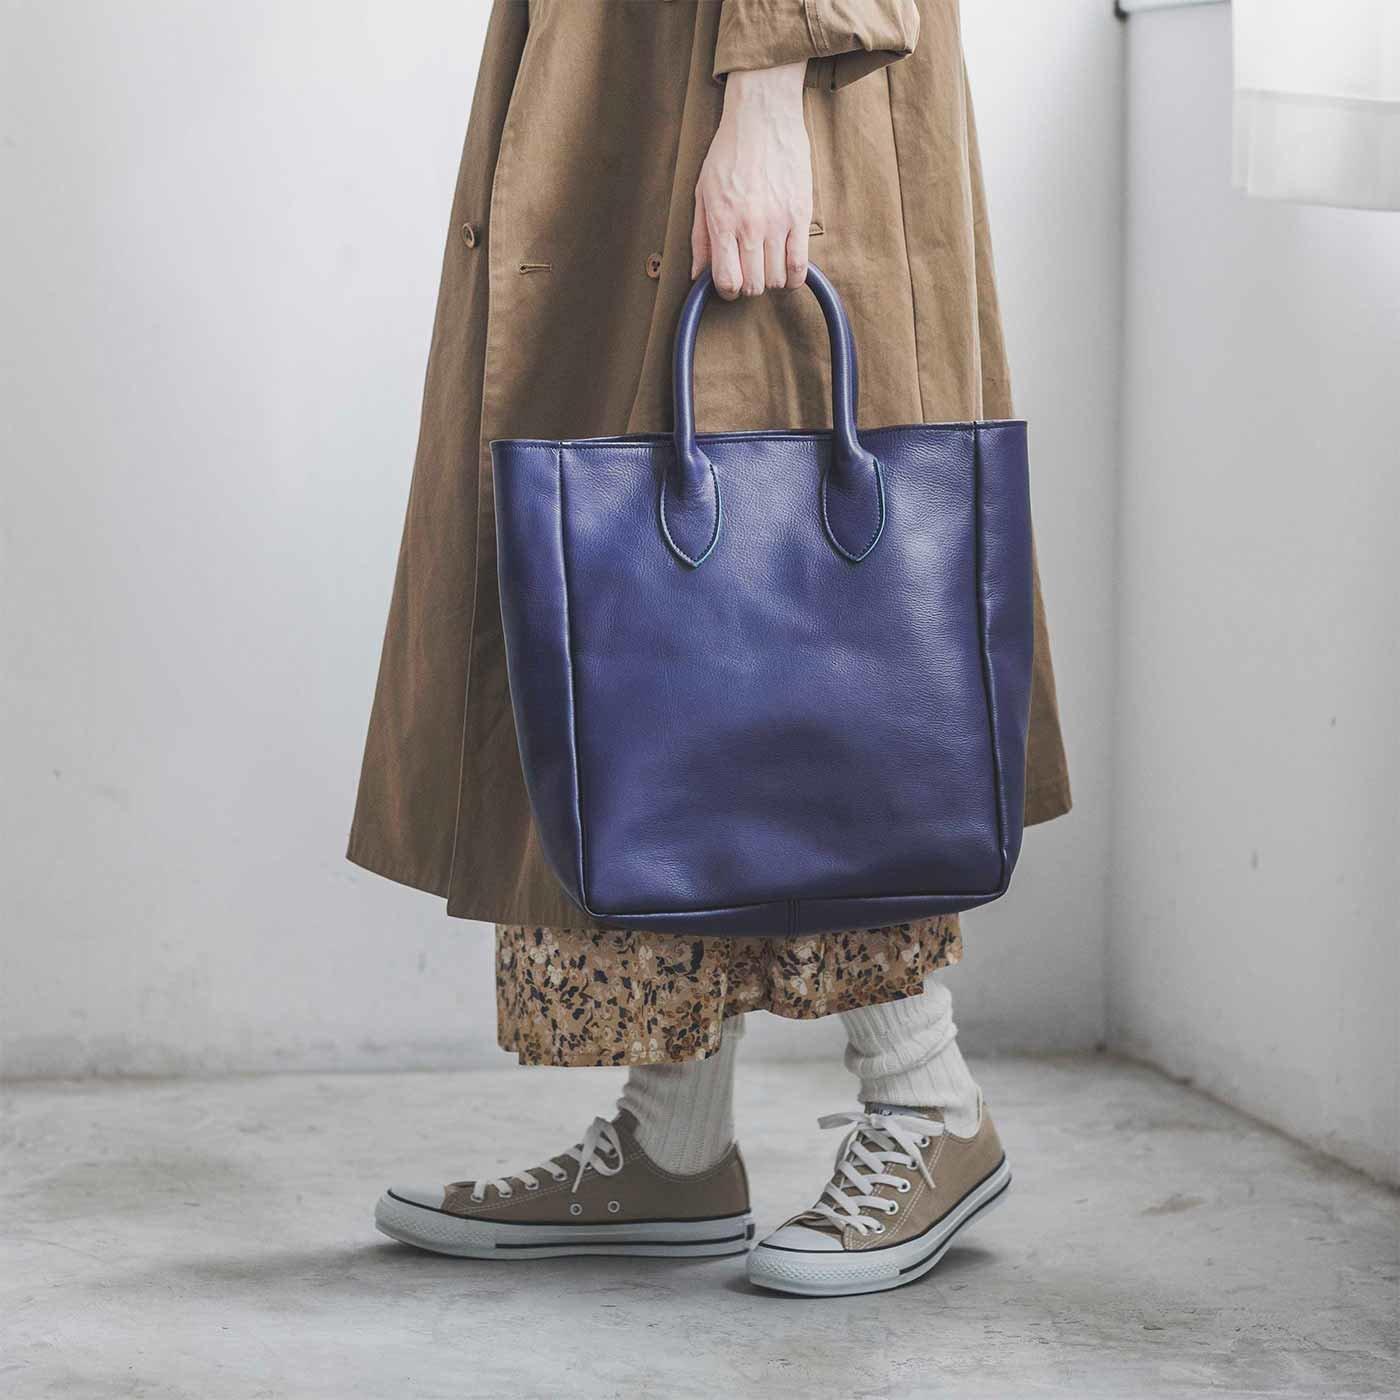 プランナーMOEが作った 職人本革のロイヤルティバッグ〈プルシアンブルー〉[本革 鞄:日本製]